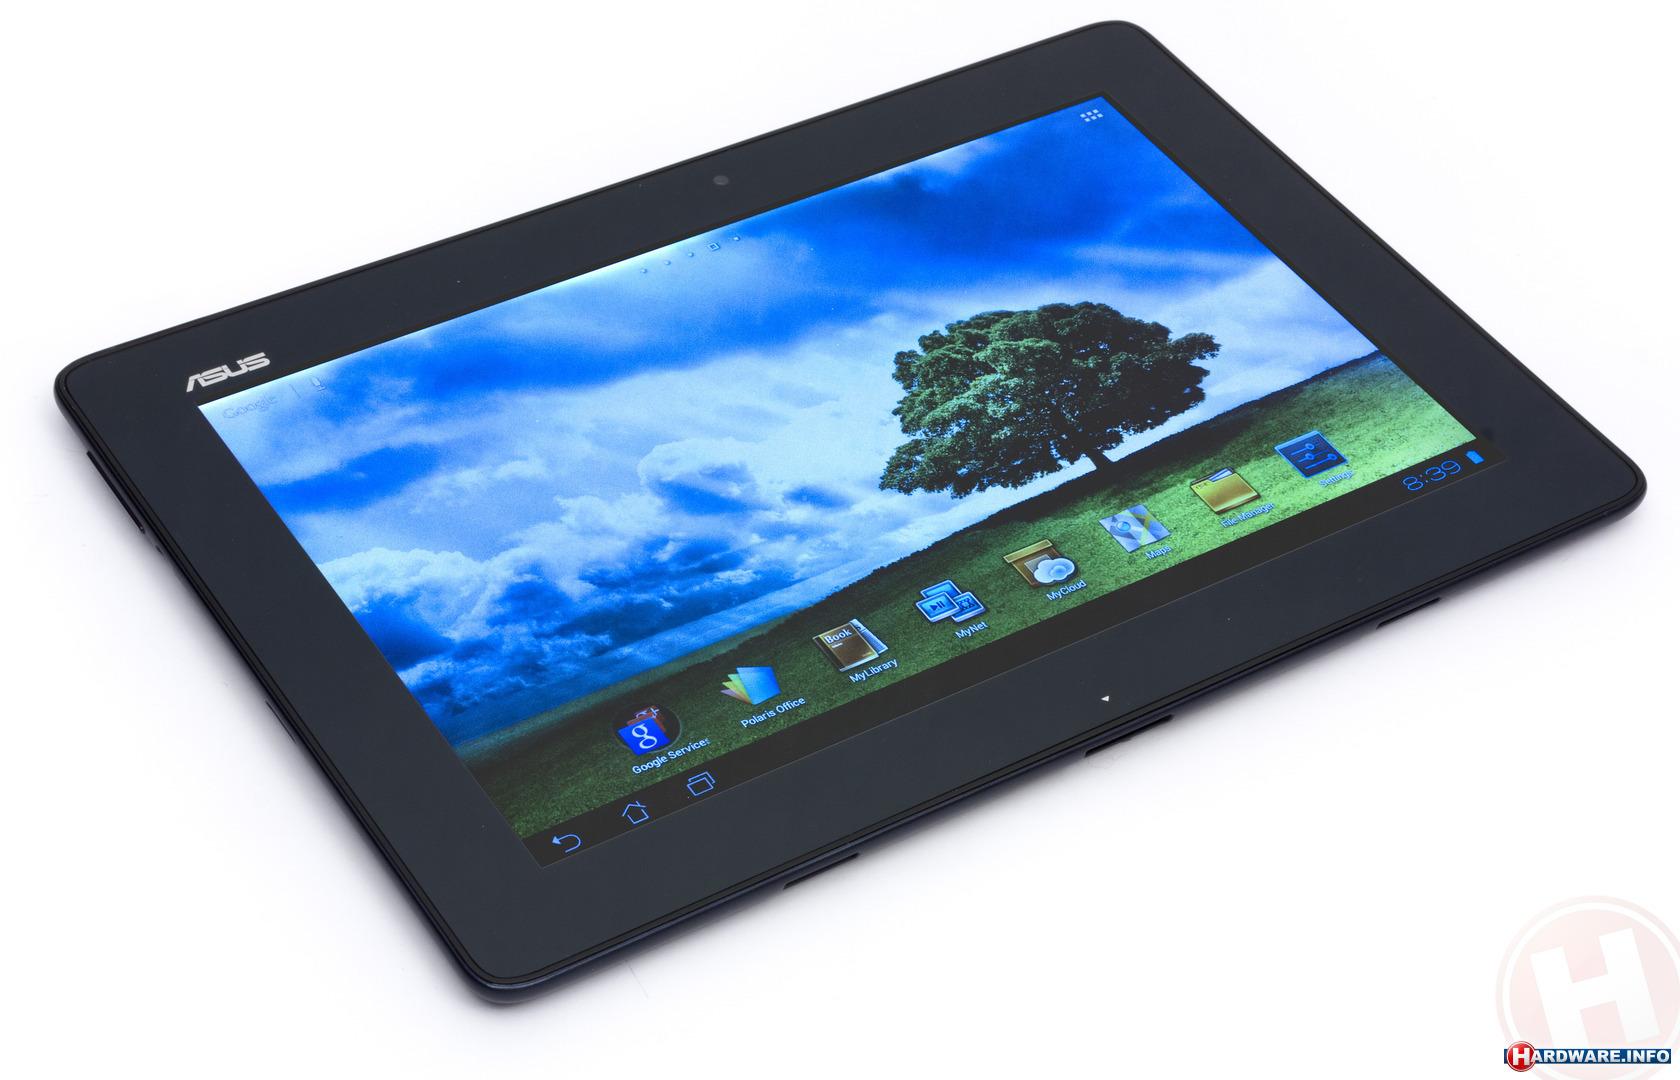 Nơi bán Máy tính bảng Asus Transformer Pad TF300T - 16GB, Wifi, 10.1 inch  giá rẻ nhất tháng 04/2021